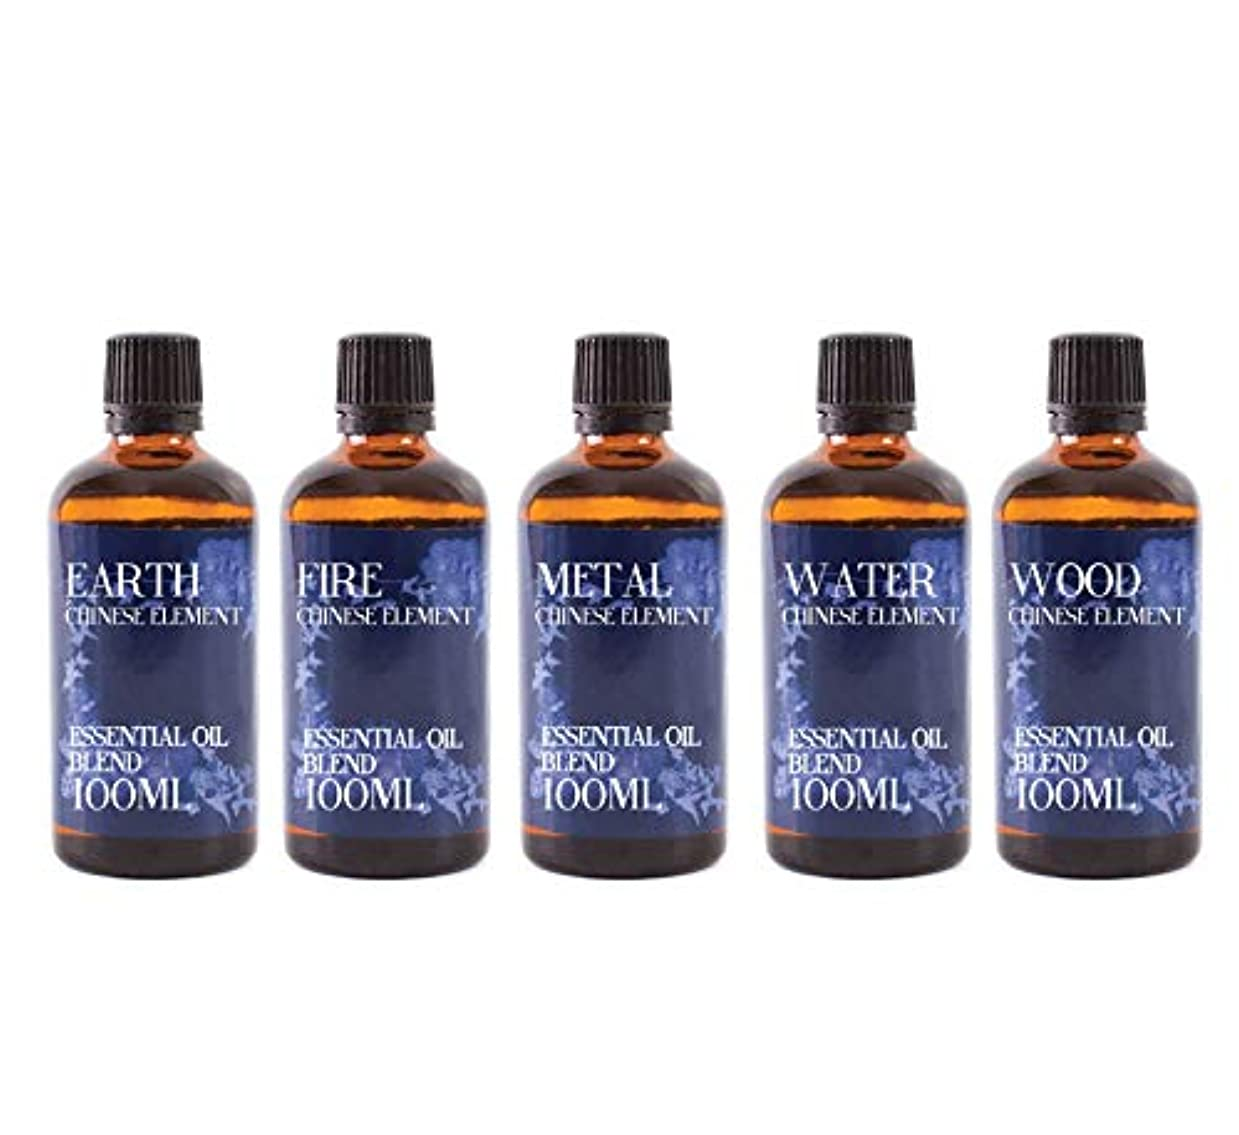 疑い者ばか発見Mystix London | Gift Starter Pack of 5x100ml Chinese Elements Essential Oil Blends